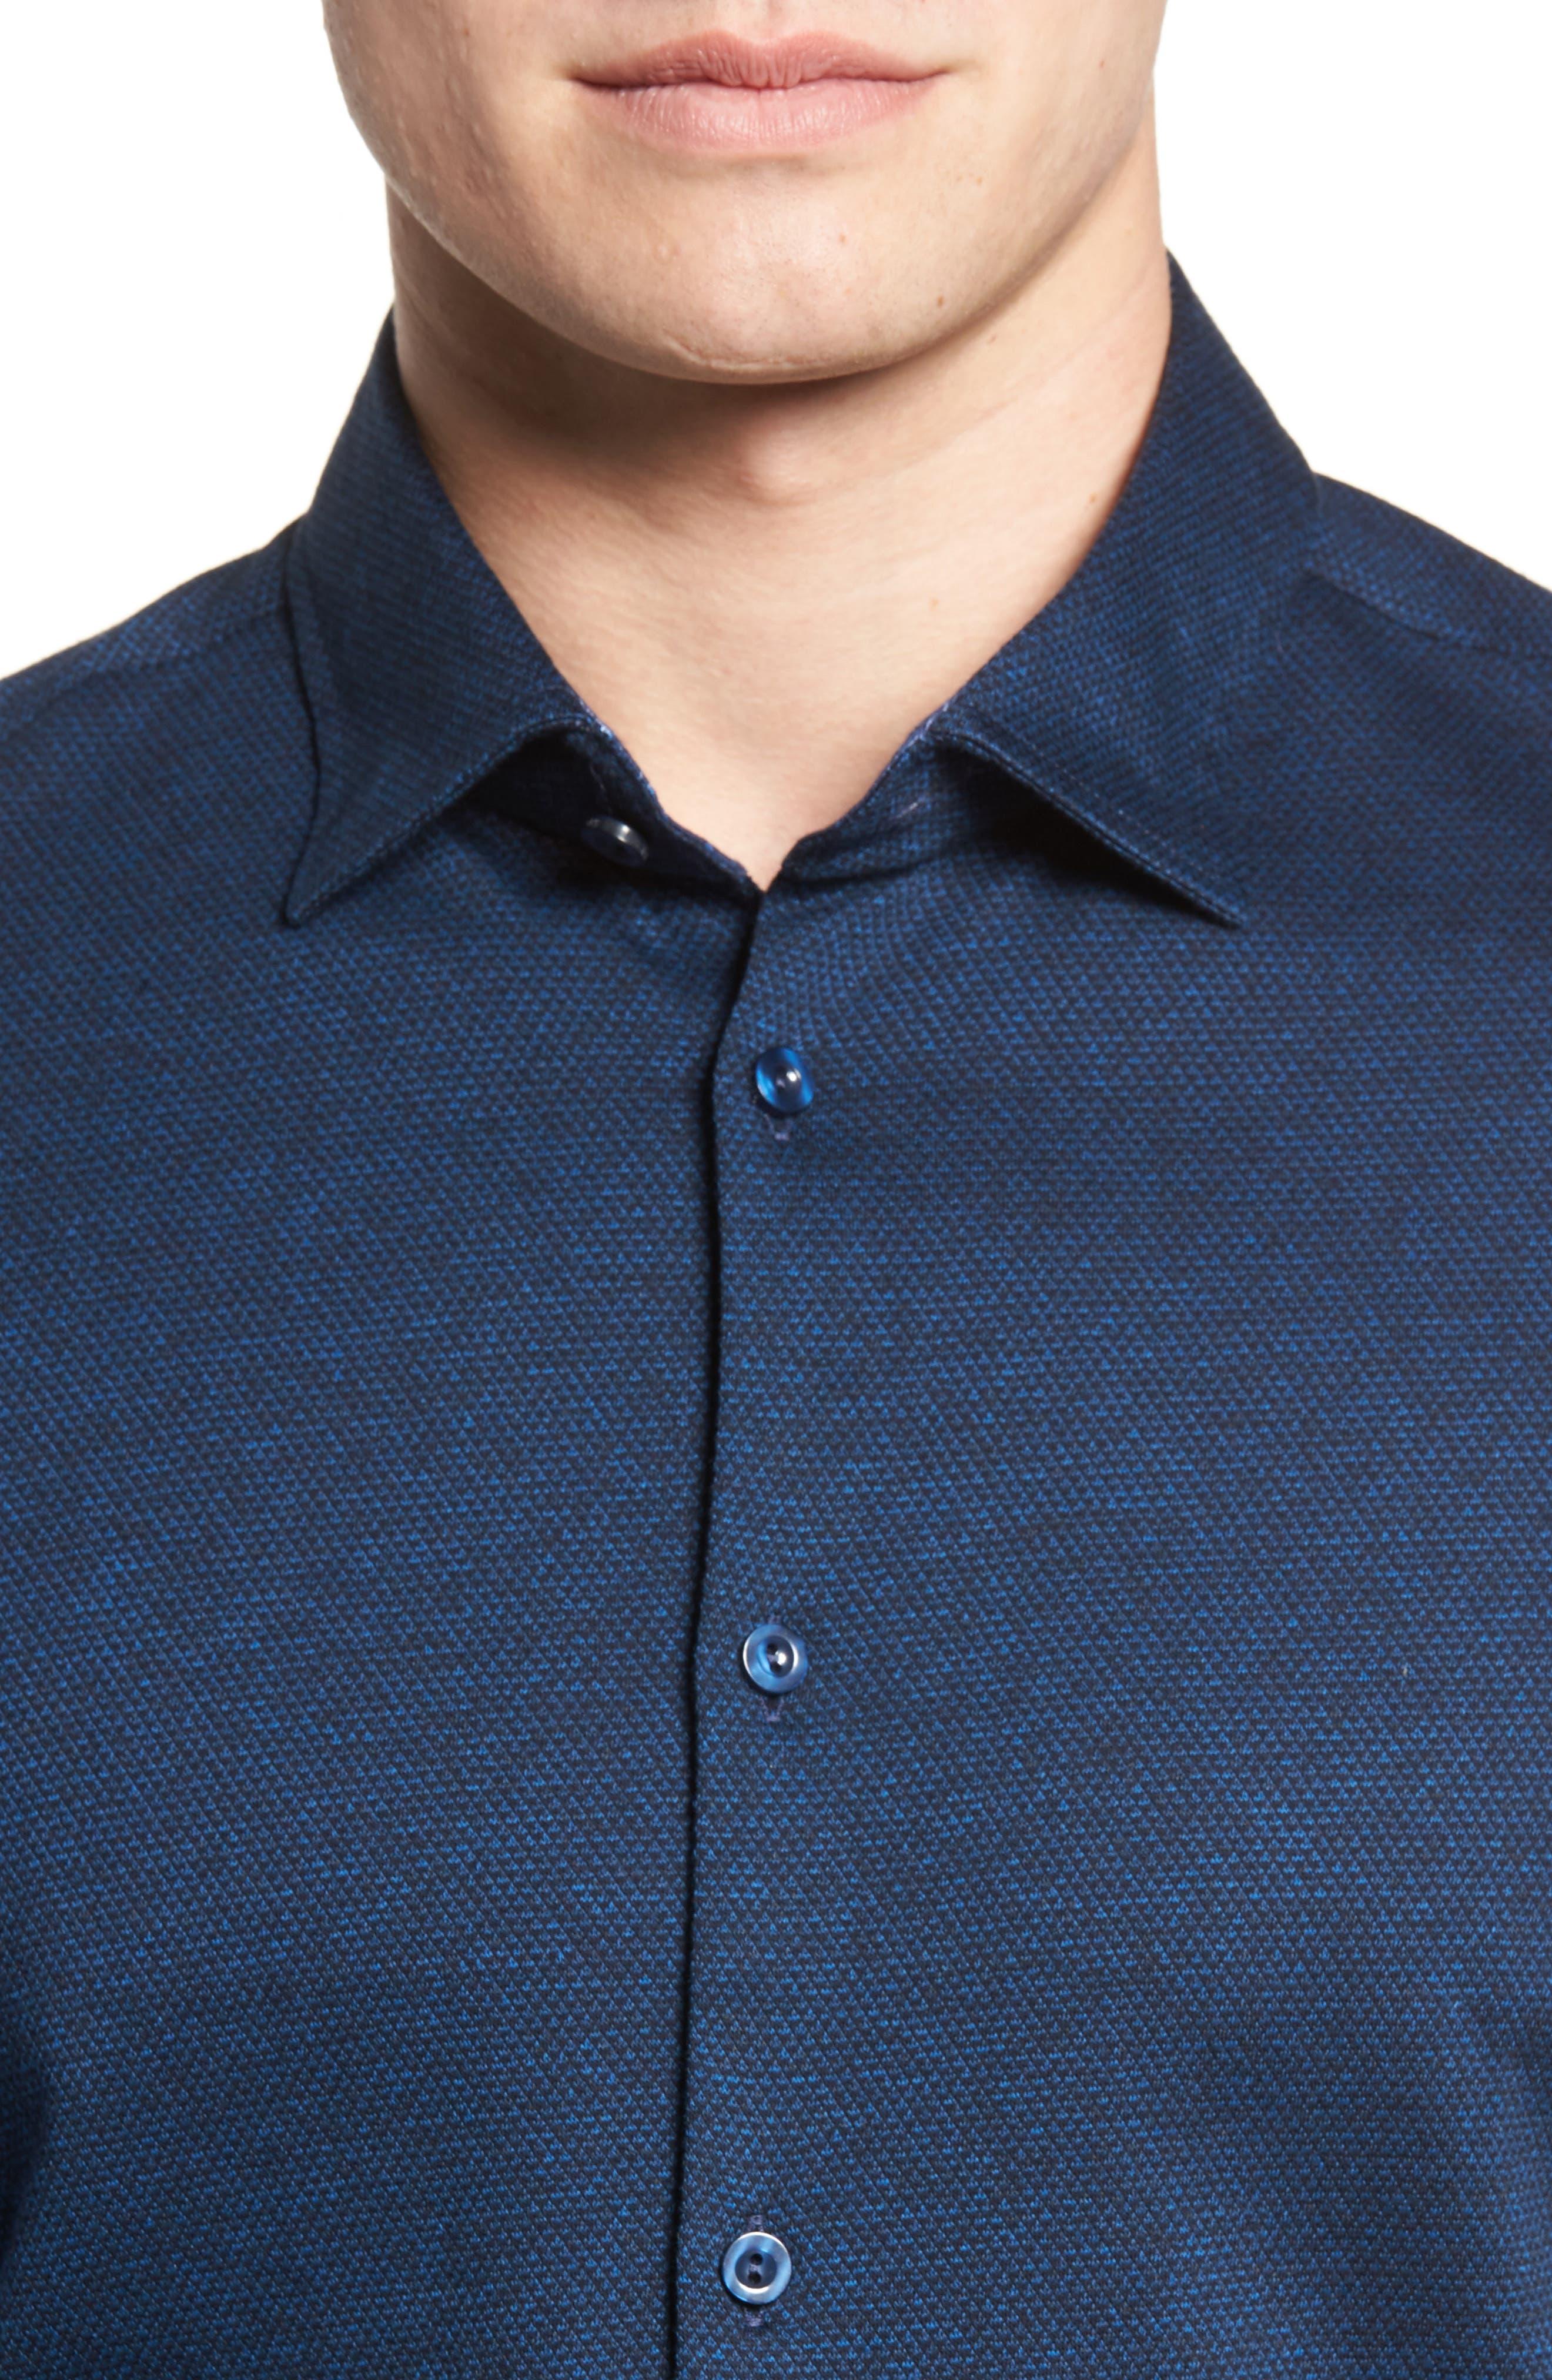 Slim Fit Diamond Jacquard Knit Sport Shirt,                             Alternate thumbnail 4, color,                             NAVY